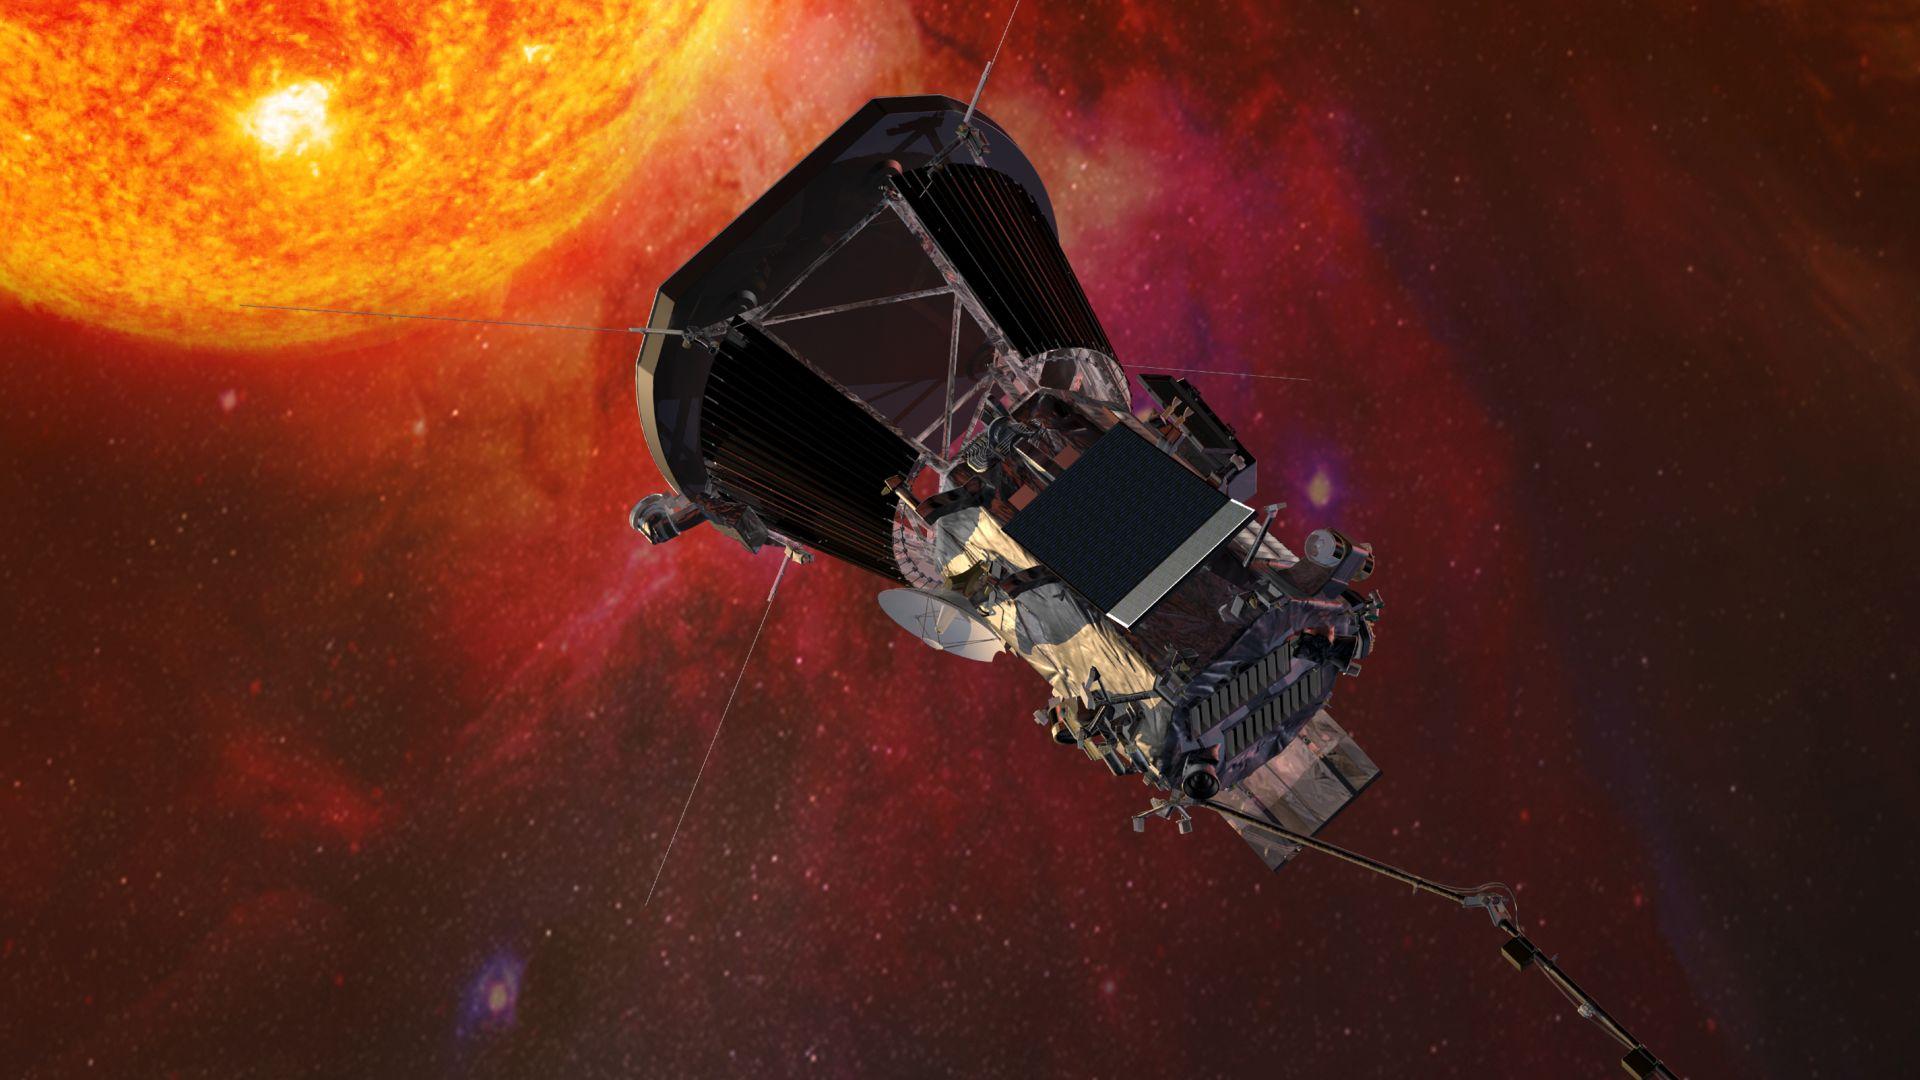 НАСА получи първите данни от най-способната слънчева сонда